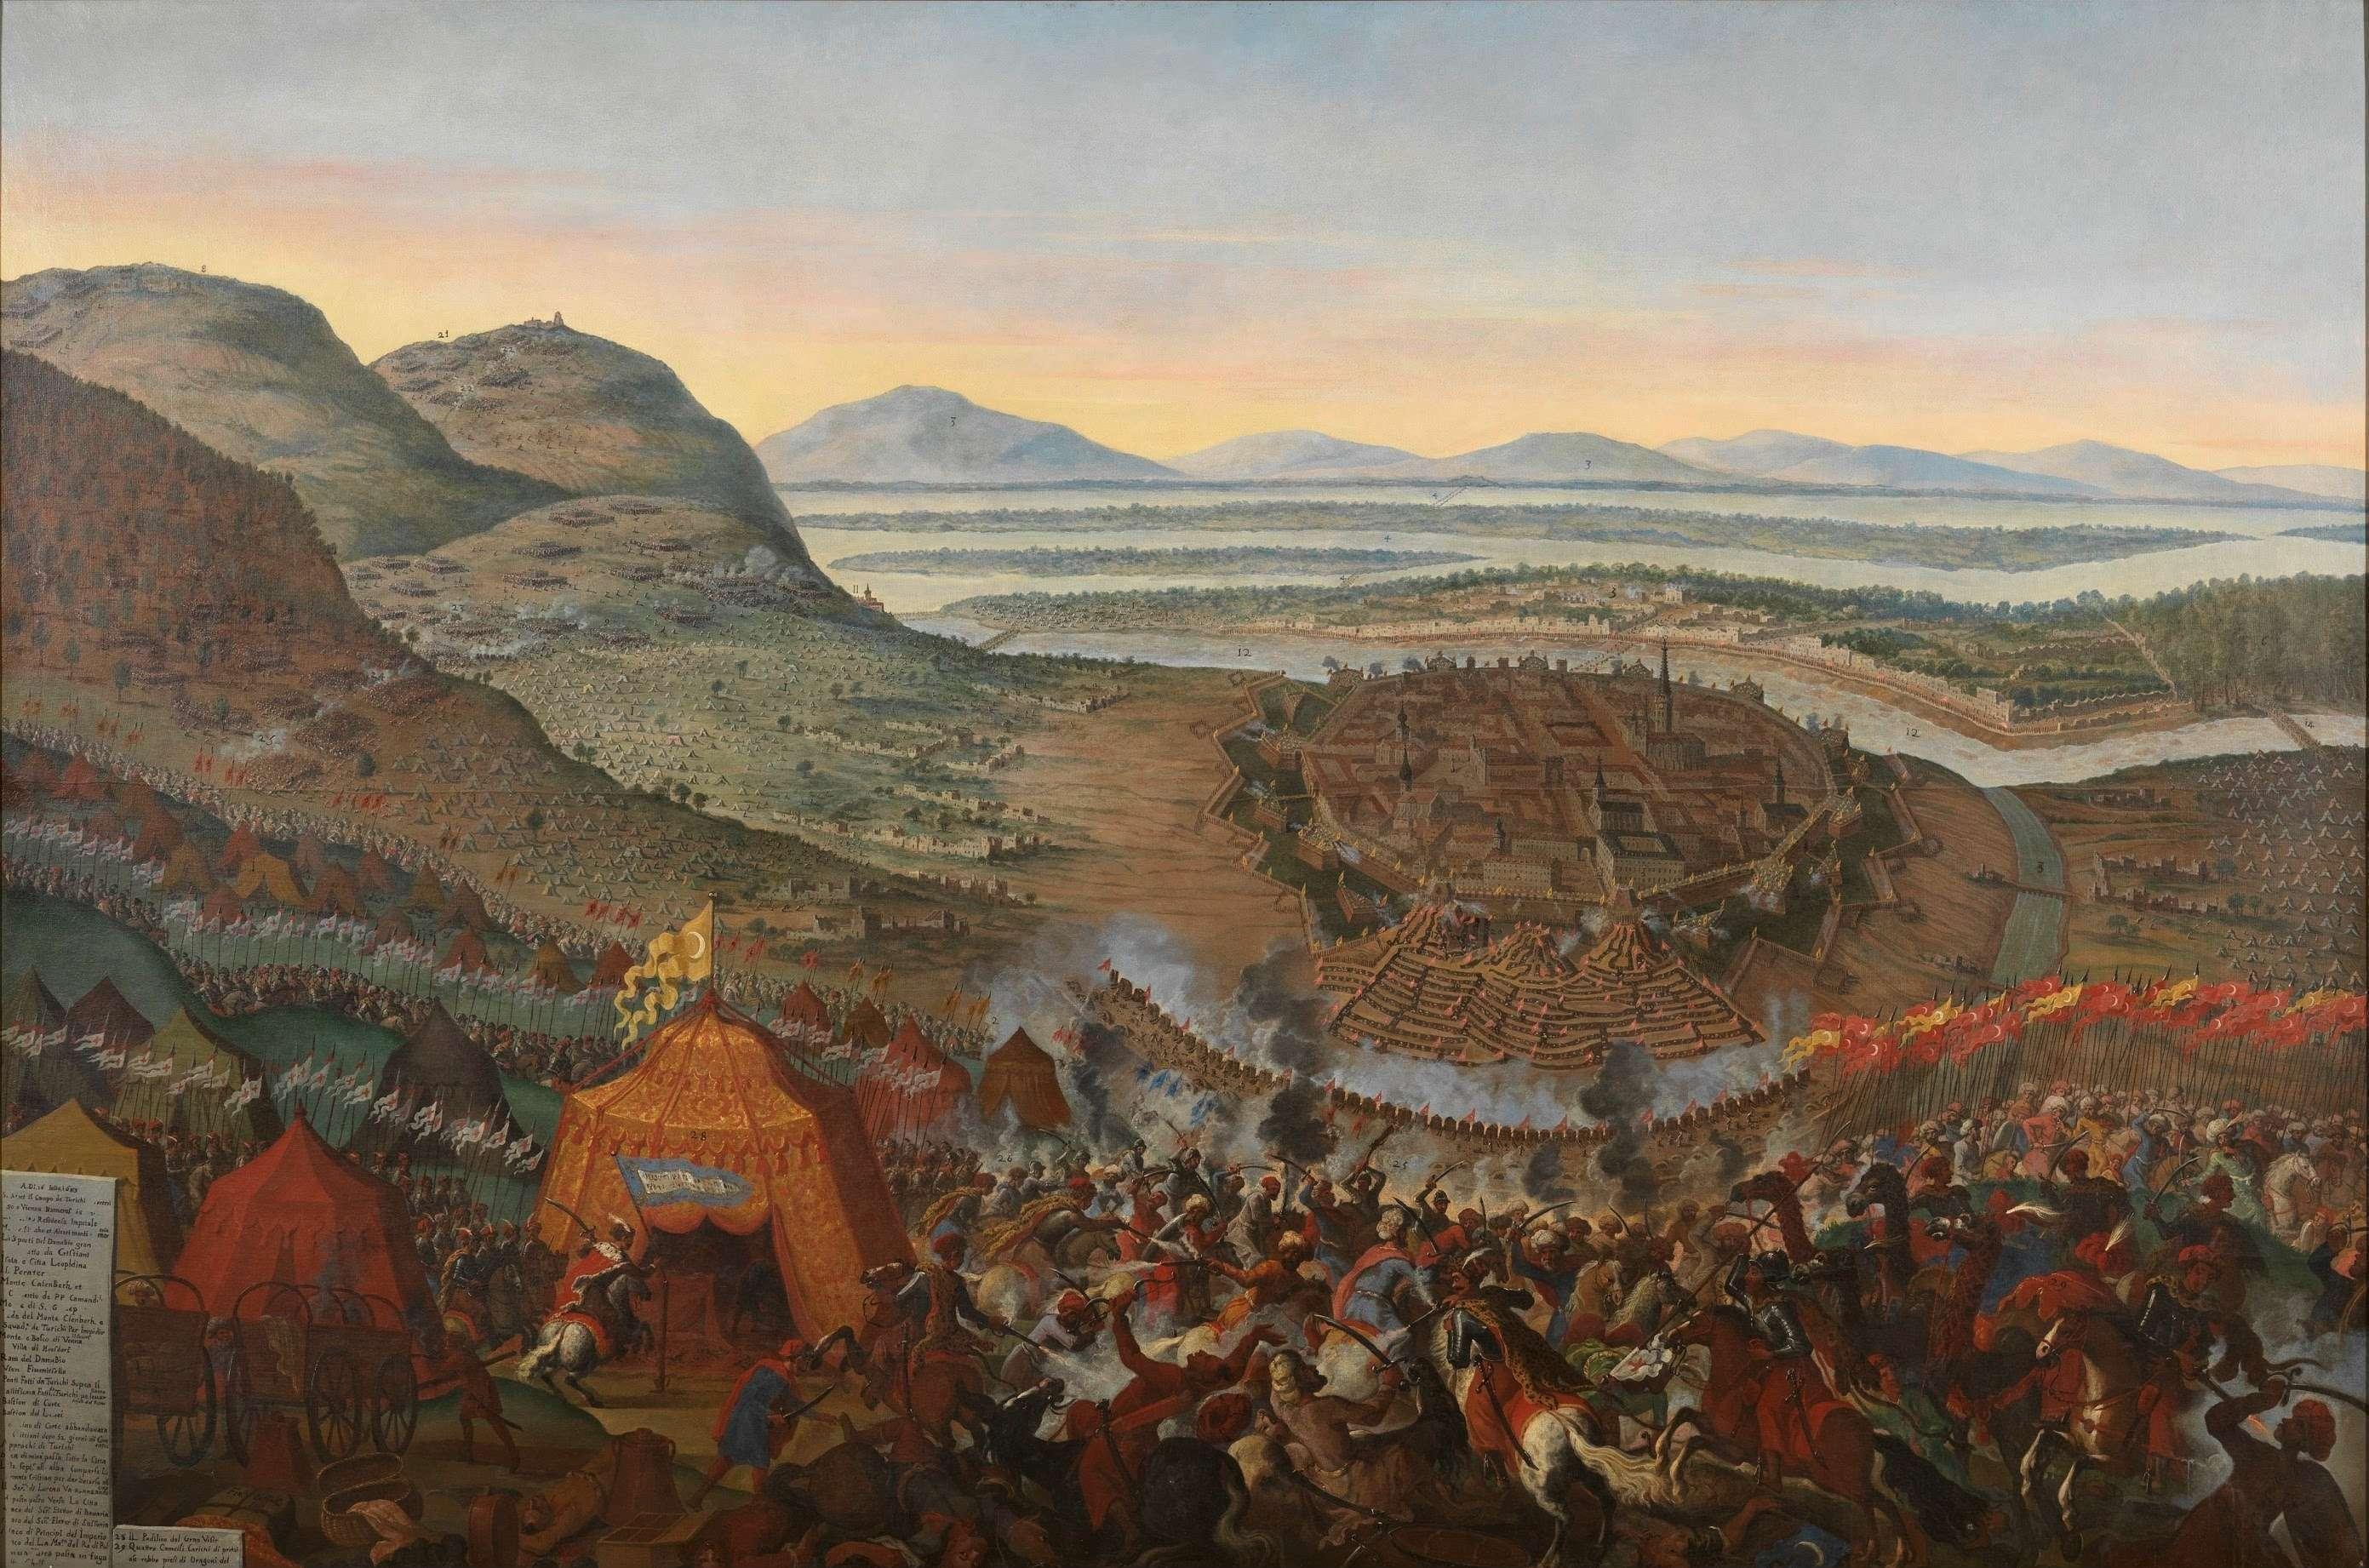 Η δεύτερη πολιορκία της Βιέννης από τους Τούρκους ήταν σημαντικός σταθμός στην γεωπολιτική εξέλιξη της Ευρώπης. Η Βιέννη πολιορκήθηκε από τους Τούρκους και γλύτωσε κυριολεκτικά την τελευταία στιγμή ως από θαύμα, ενώ η επίθεση των Ουσάρων του Γιάν Σομπιέσκι απέκρουσε τους Οθωμανούς και τους έτρεψε σε φυγή.